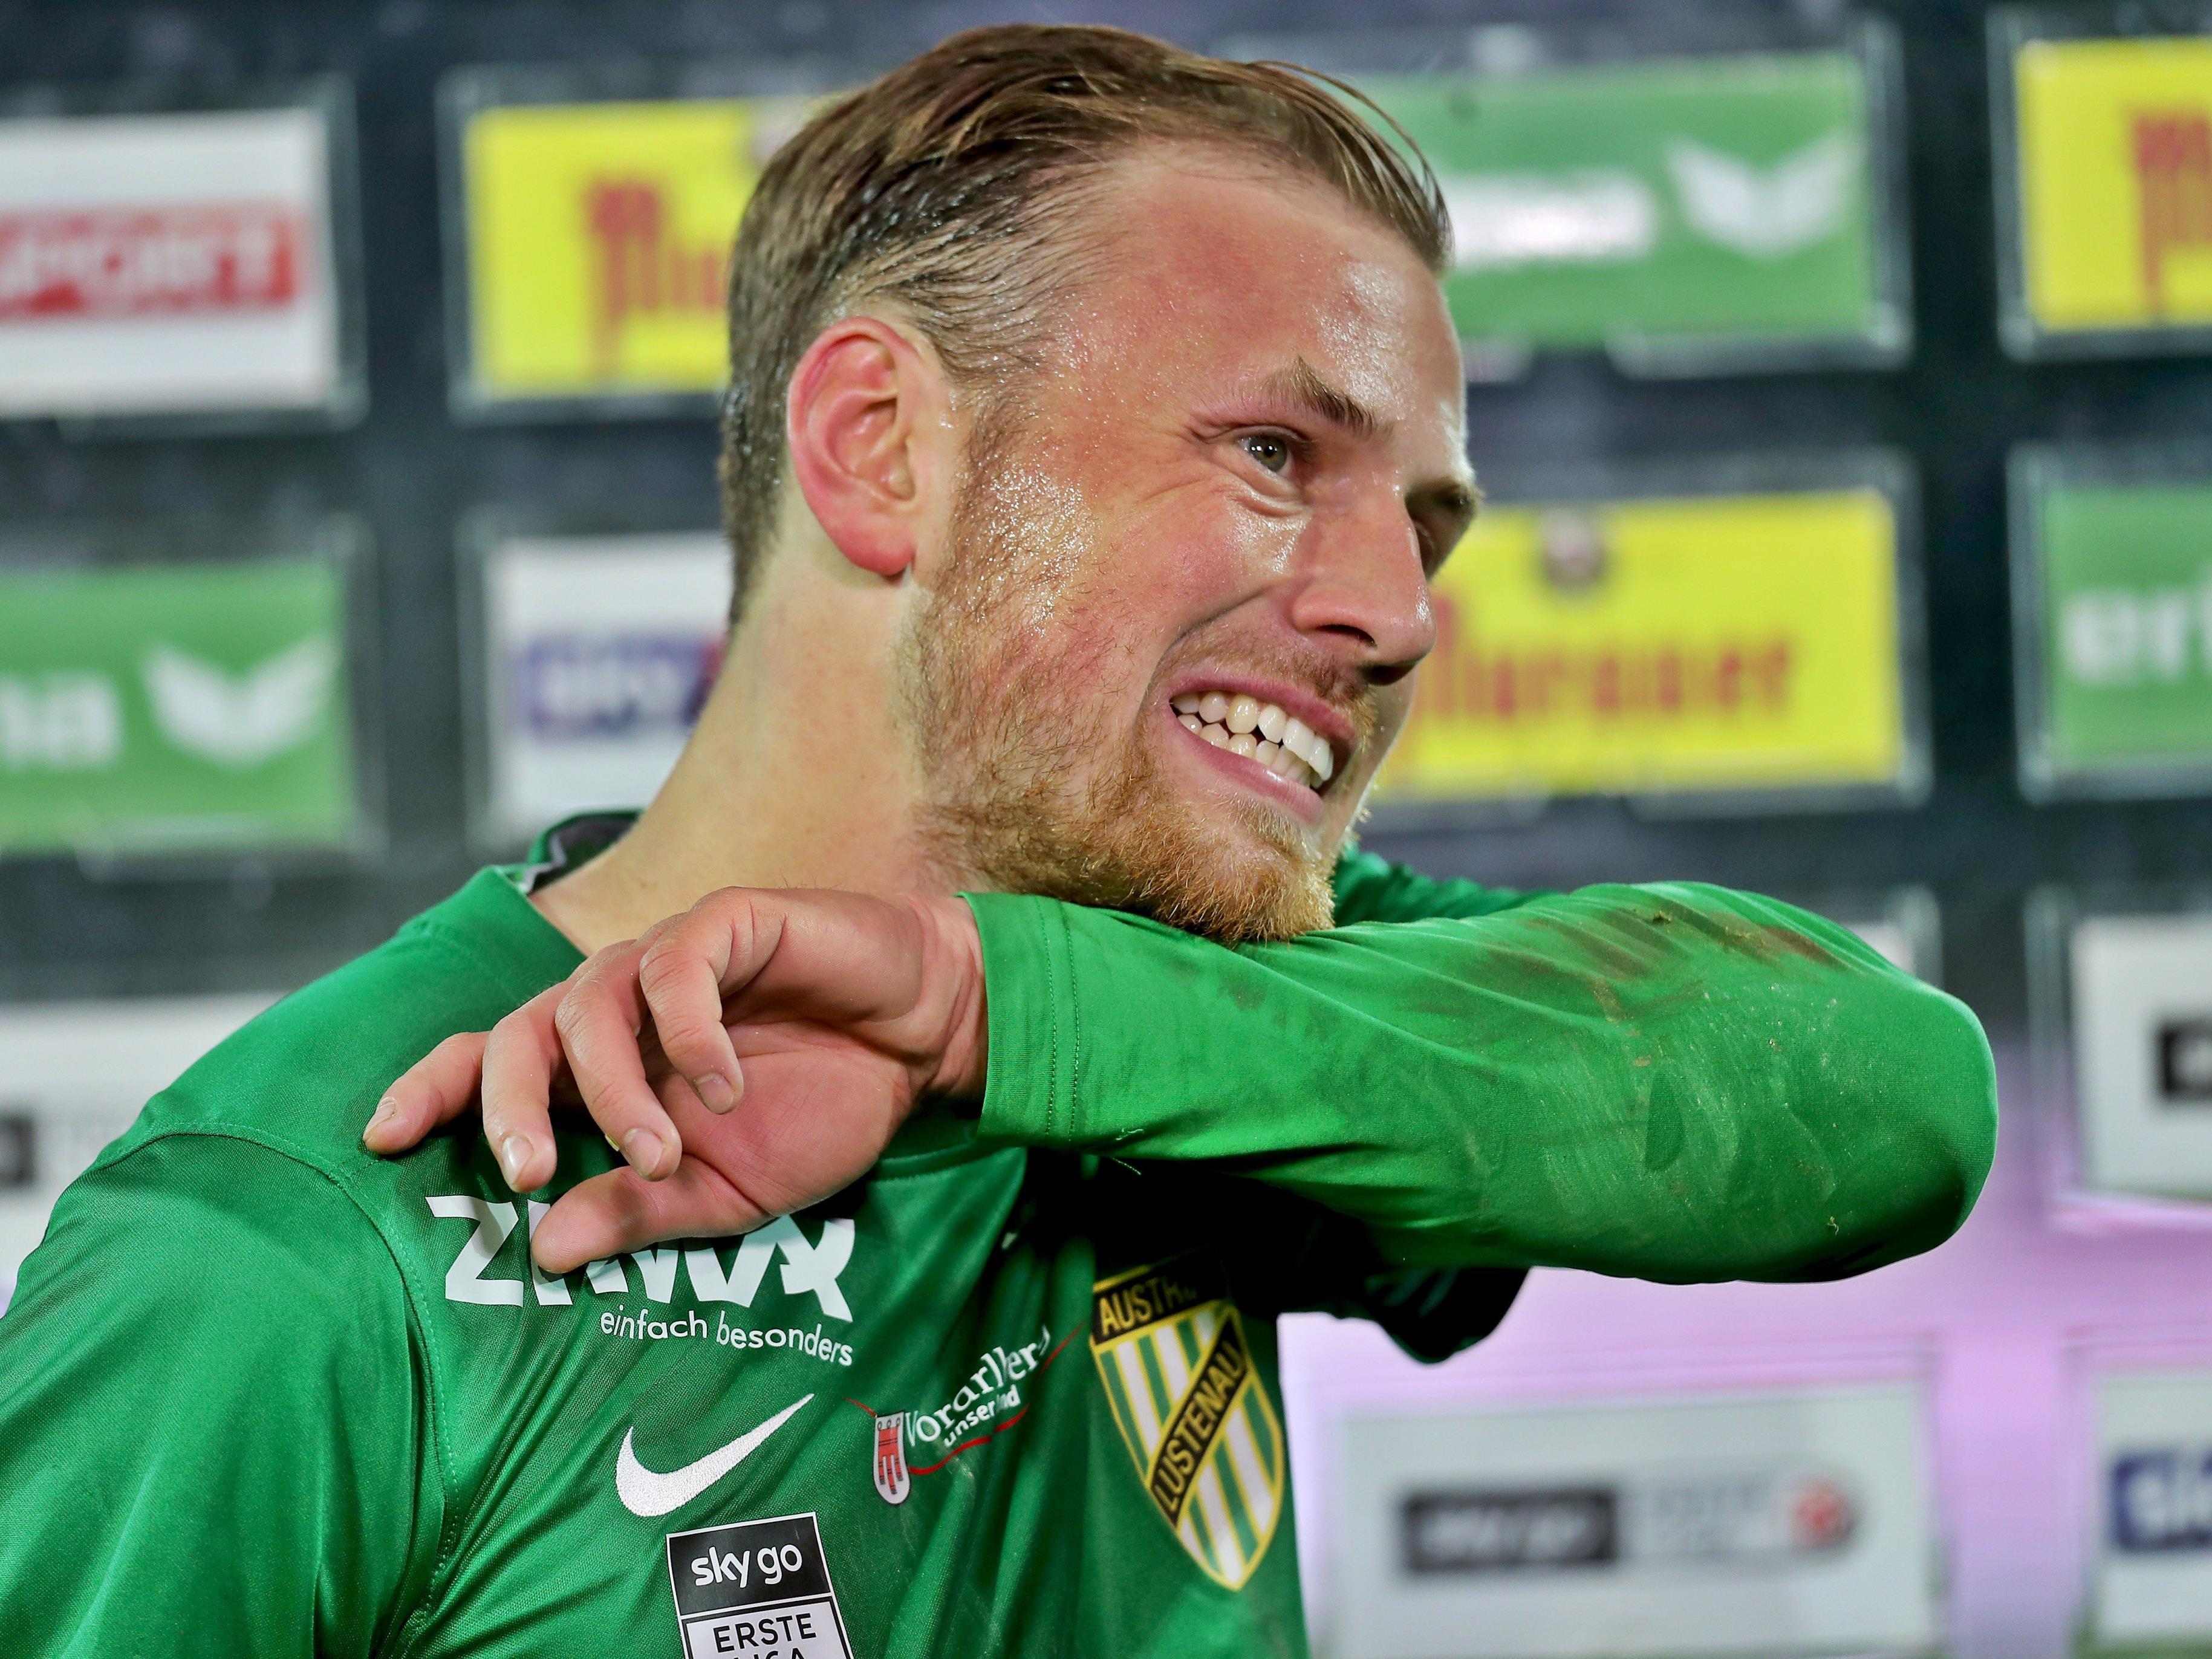 Der 24-jährige Deutsche unterschrieb beim Schlusslicht der Fußball-Bundesliga einen Dreijahresvertrag.